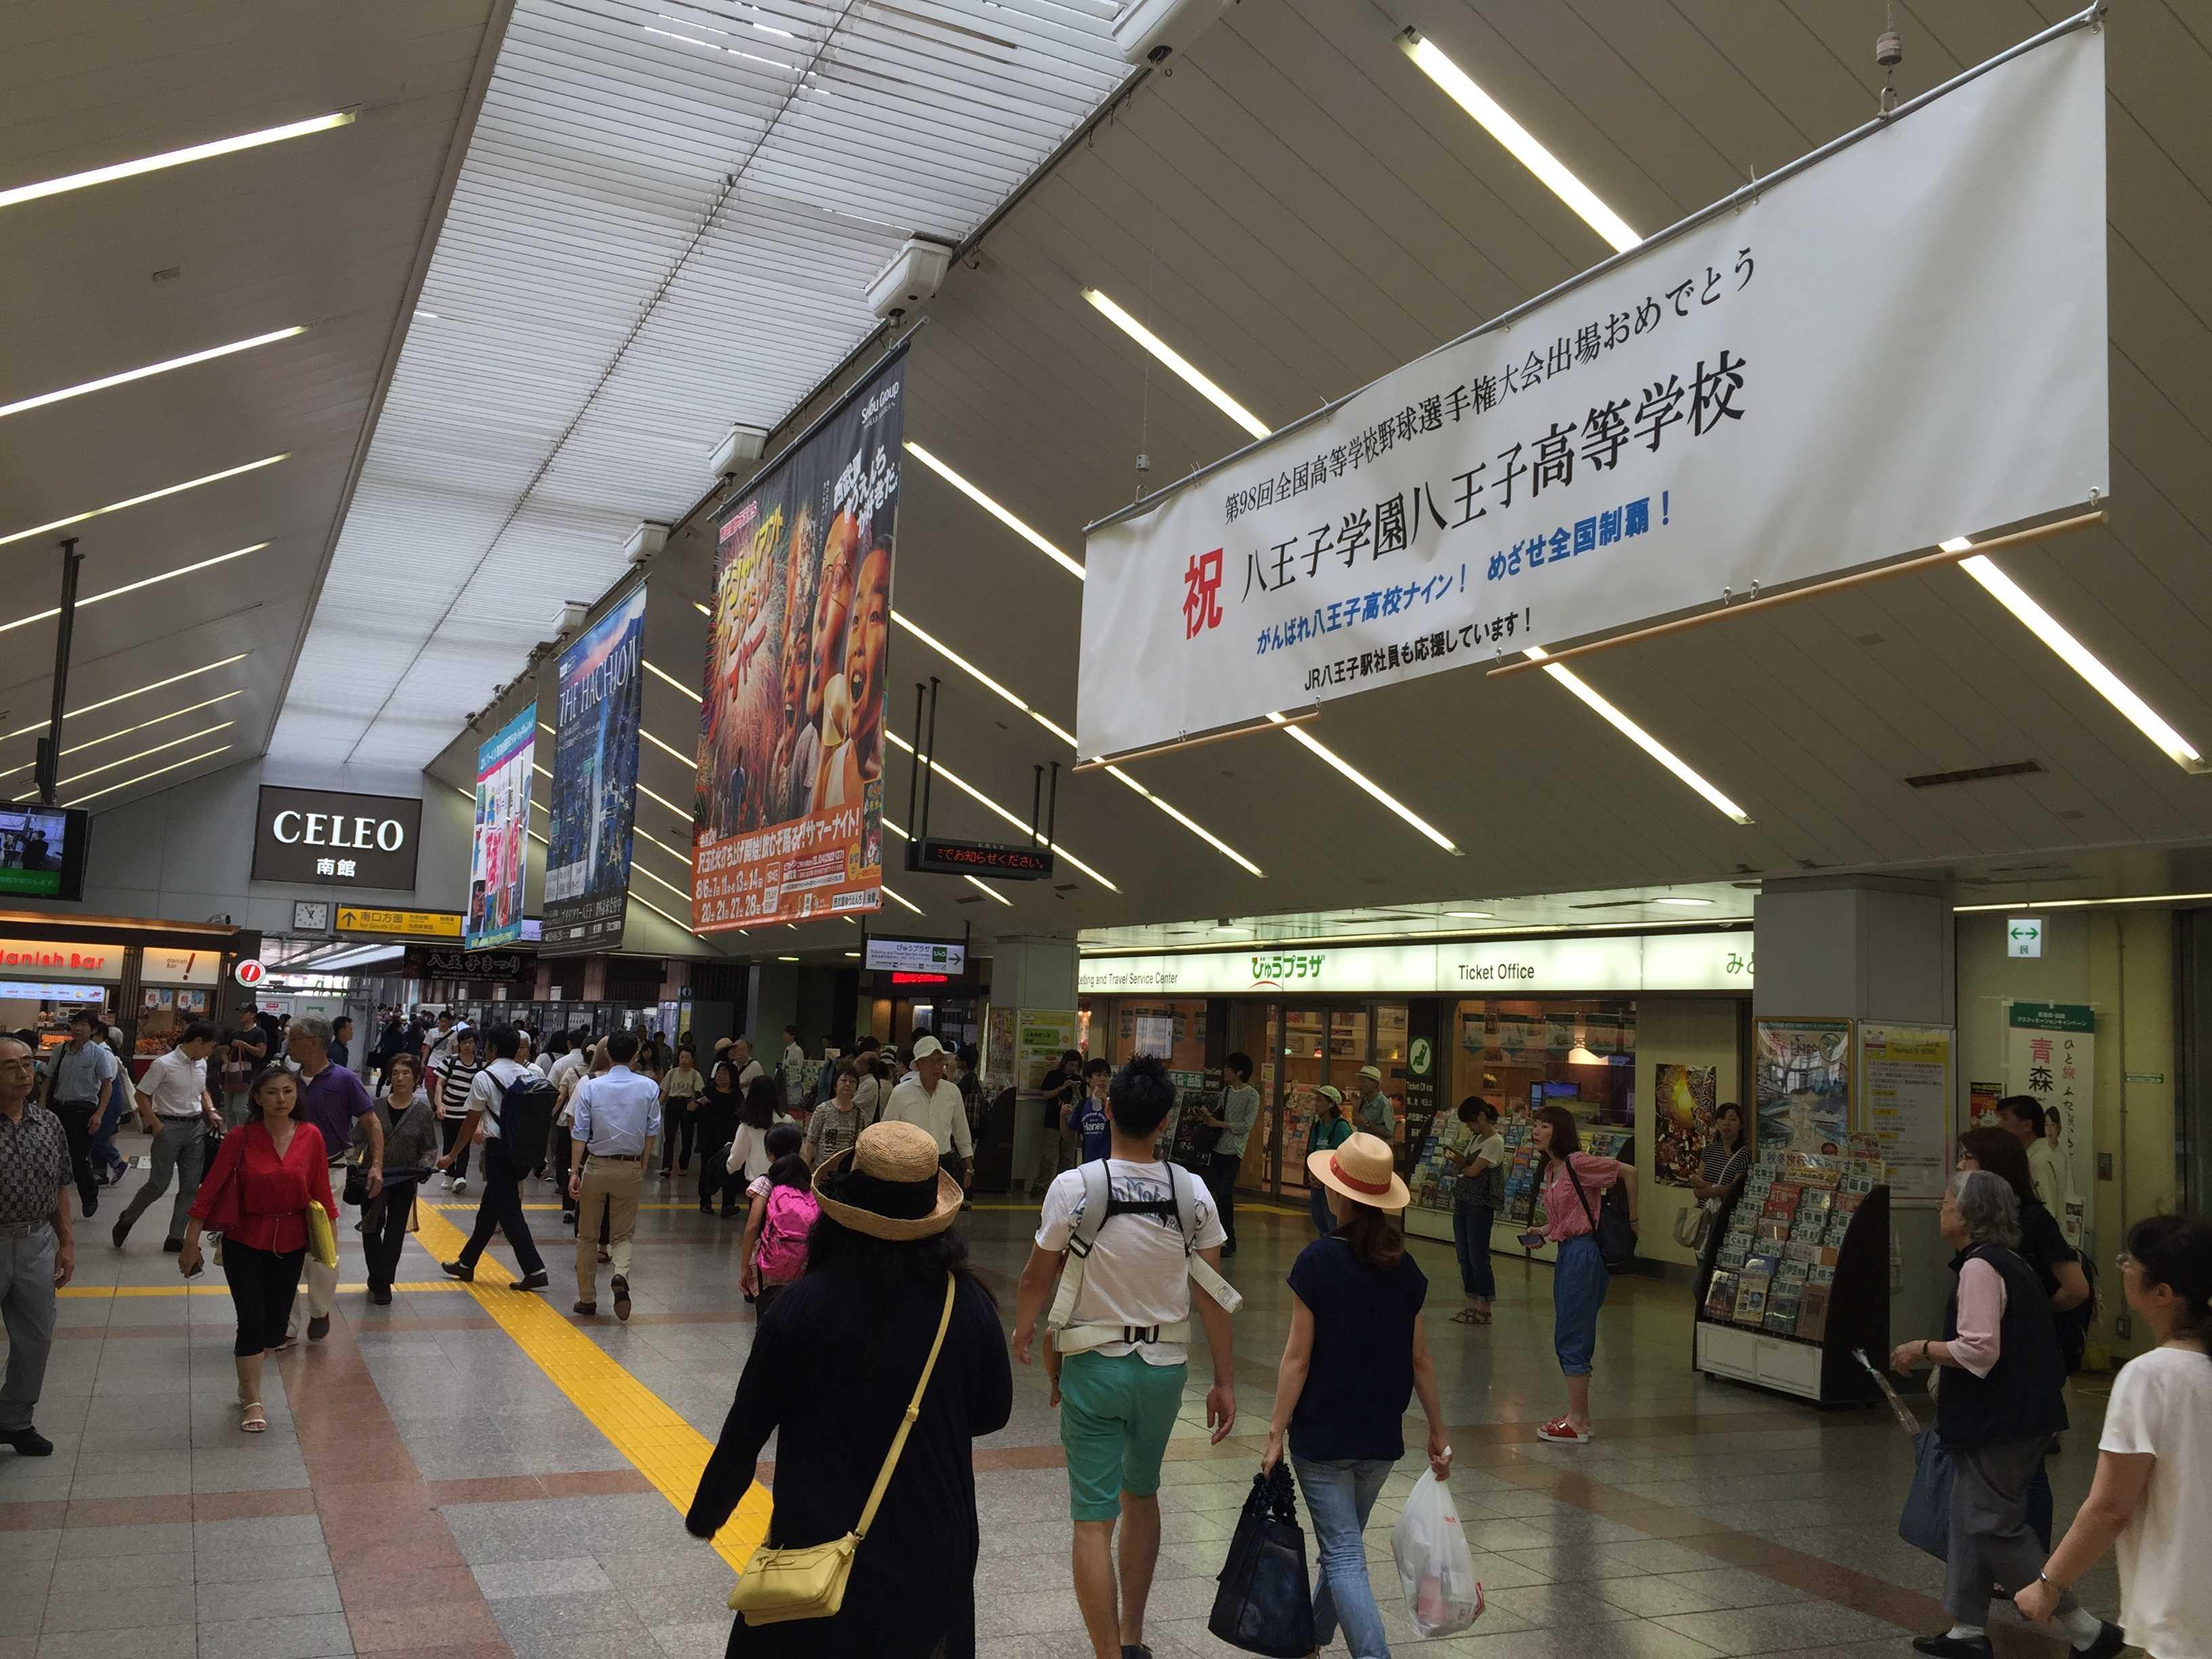 JR八王子駅 「祝 八王子学園八王子高等学校」